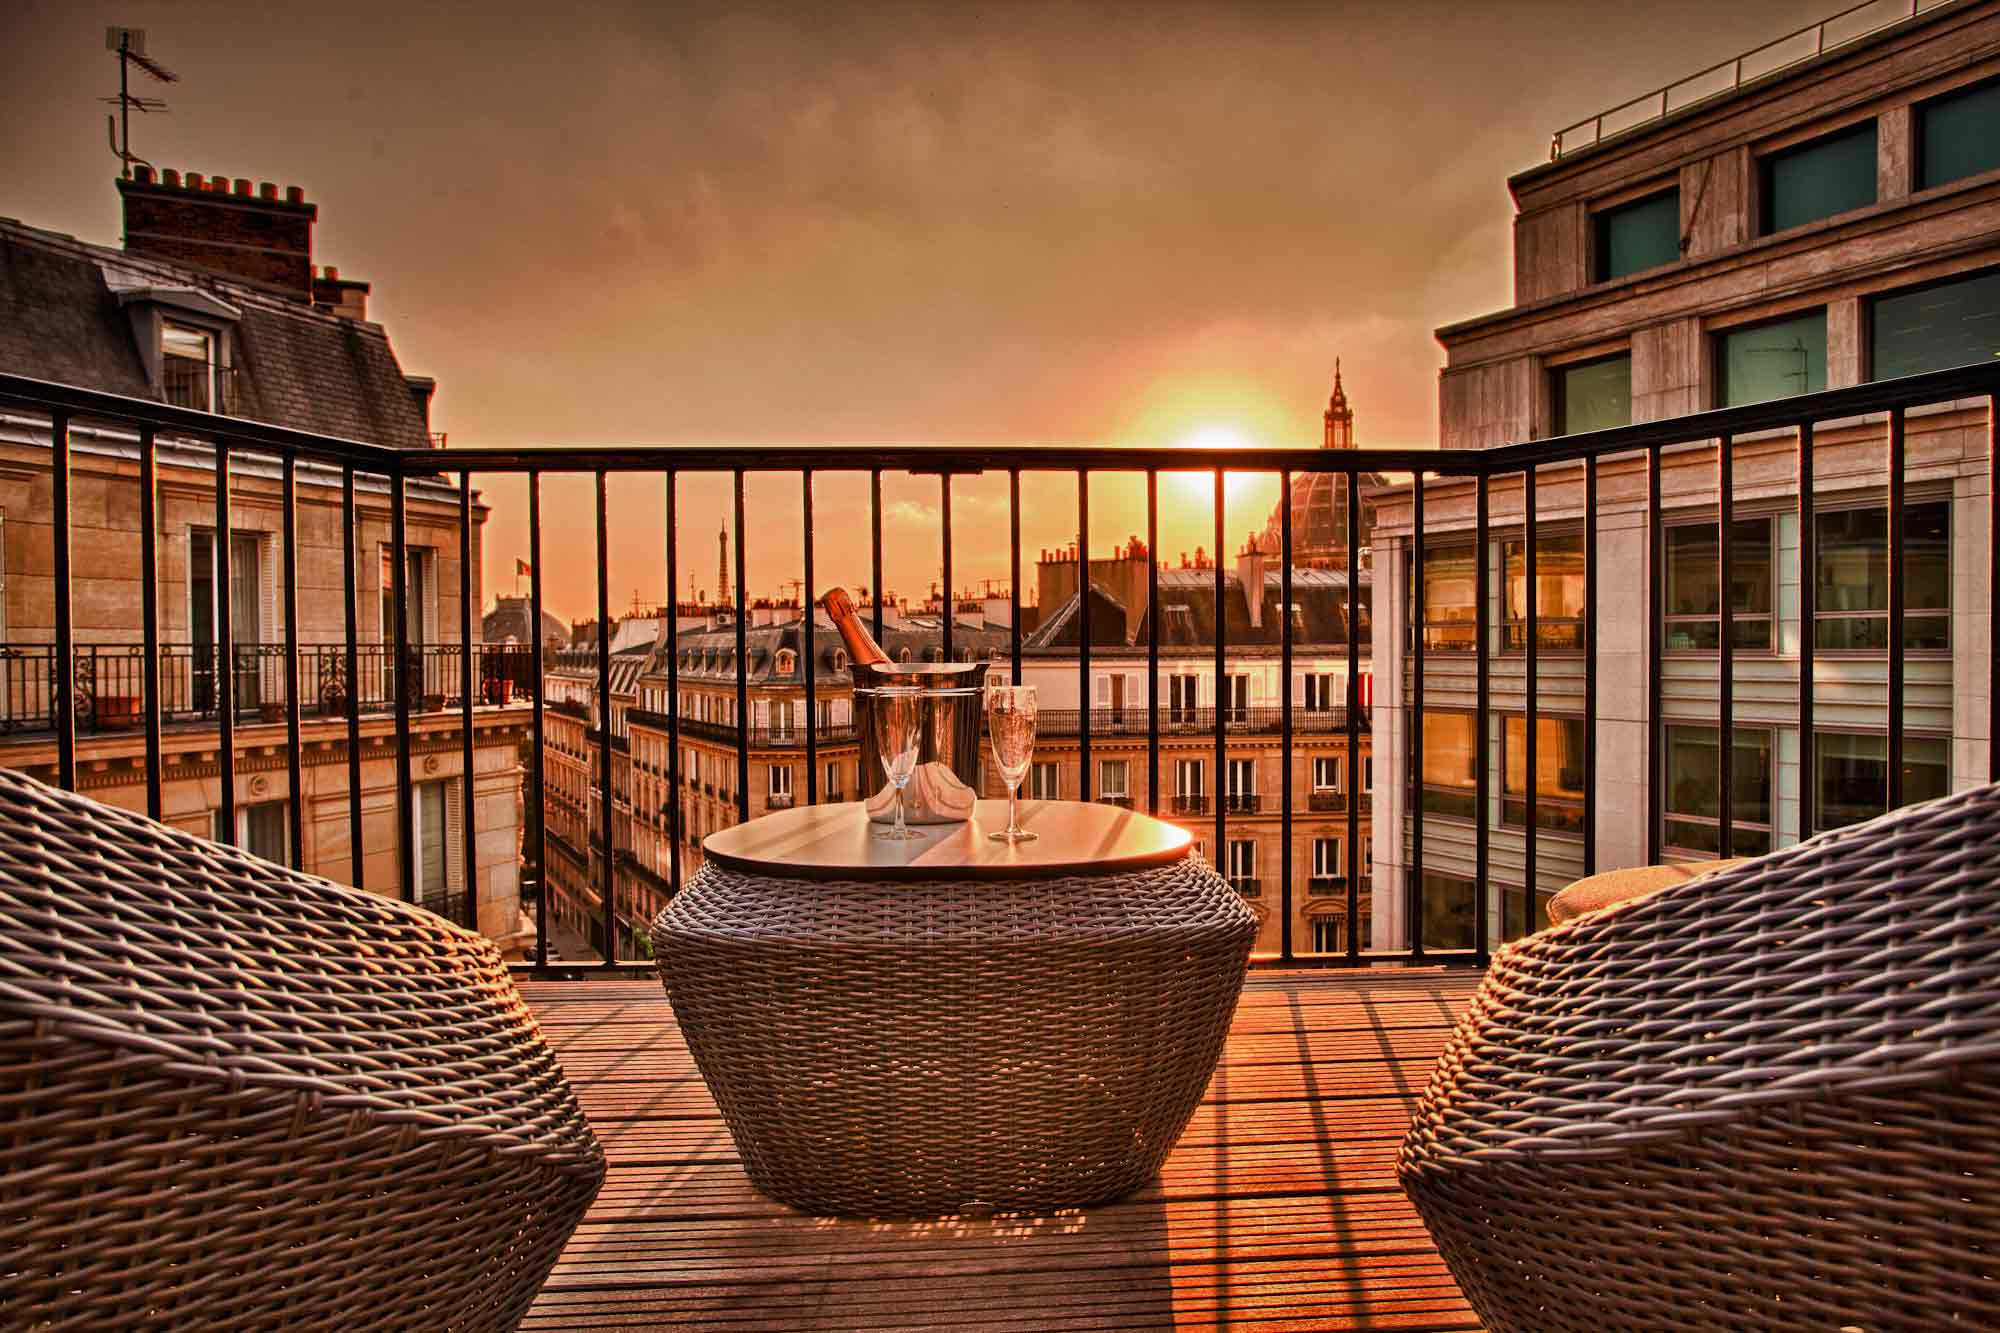 Terrasse parisienne avec soleil couchant, équipée de fauteuils et coupes de champagne